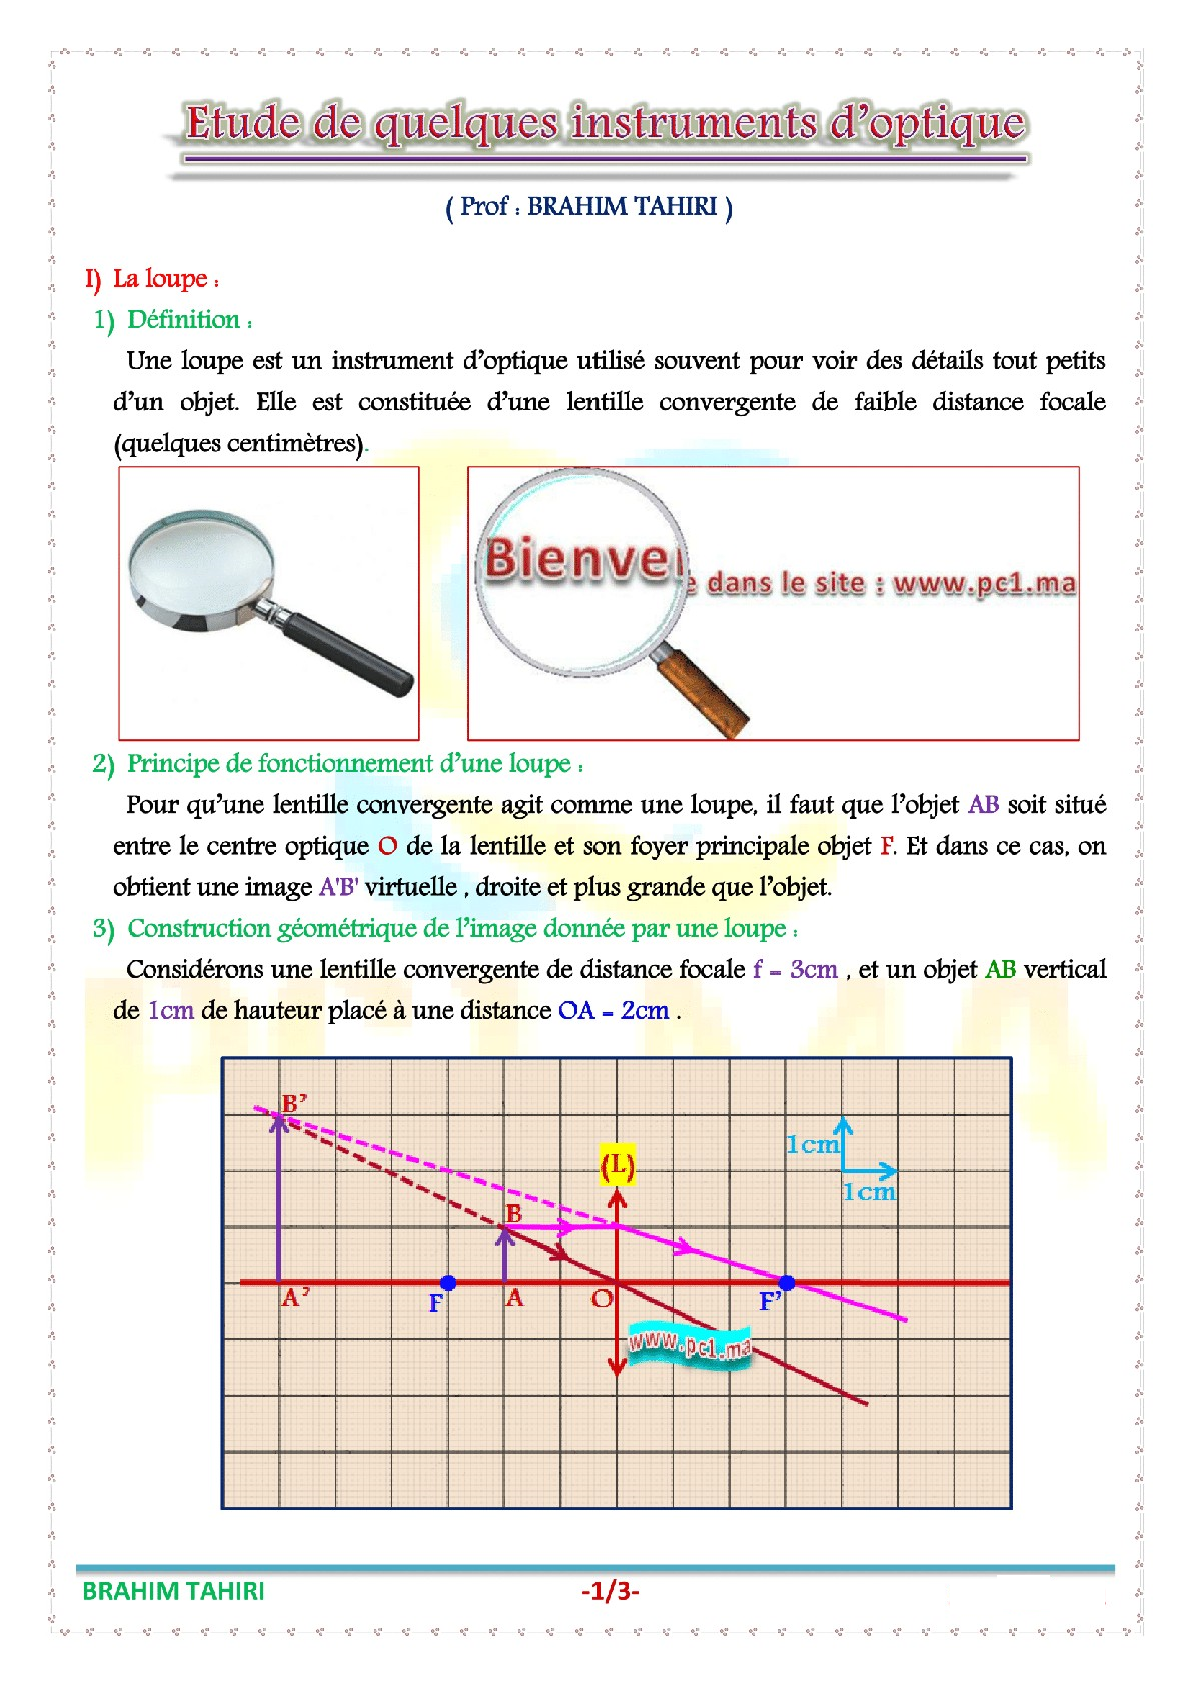 درس Etude de quelques instruments d'optique للسنة الثانية اعدادي